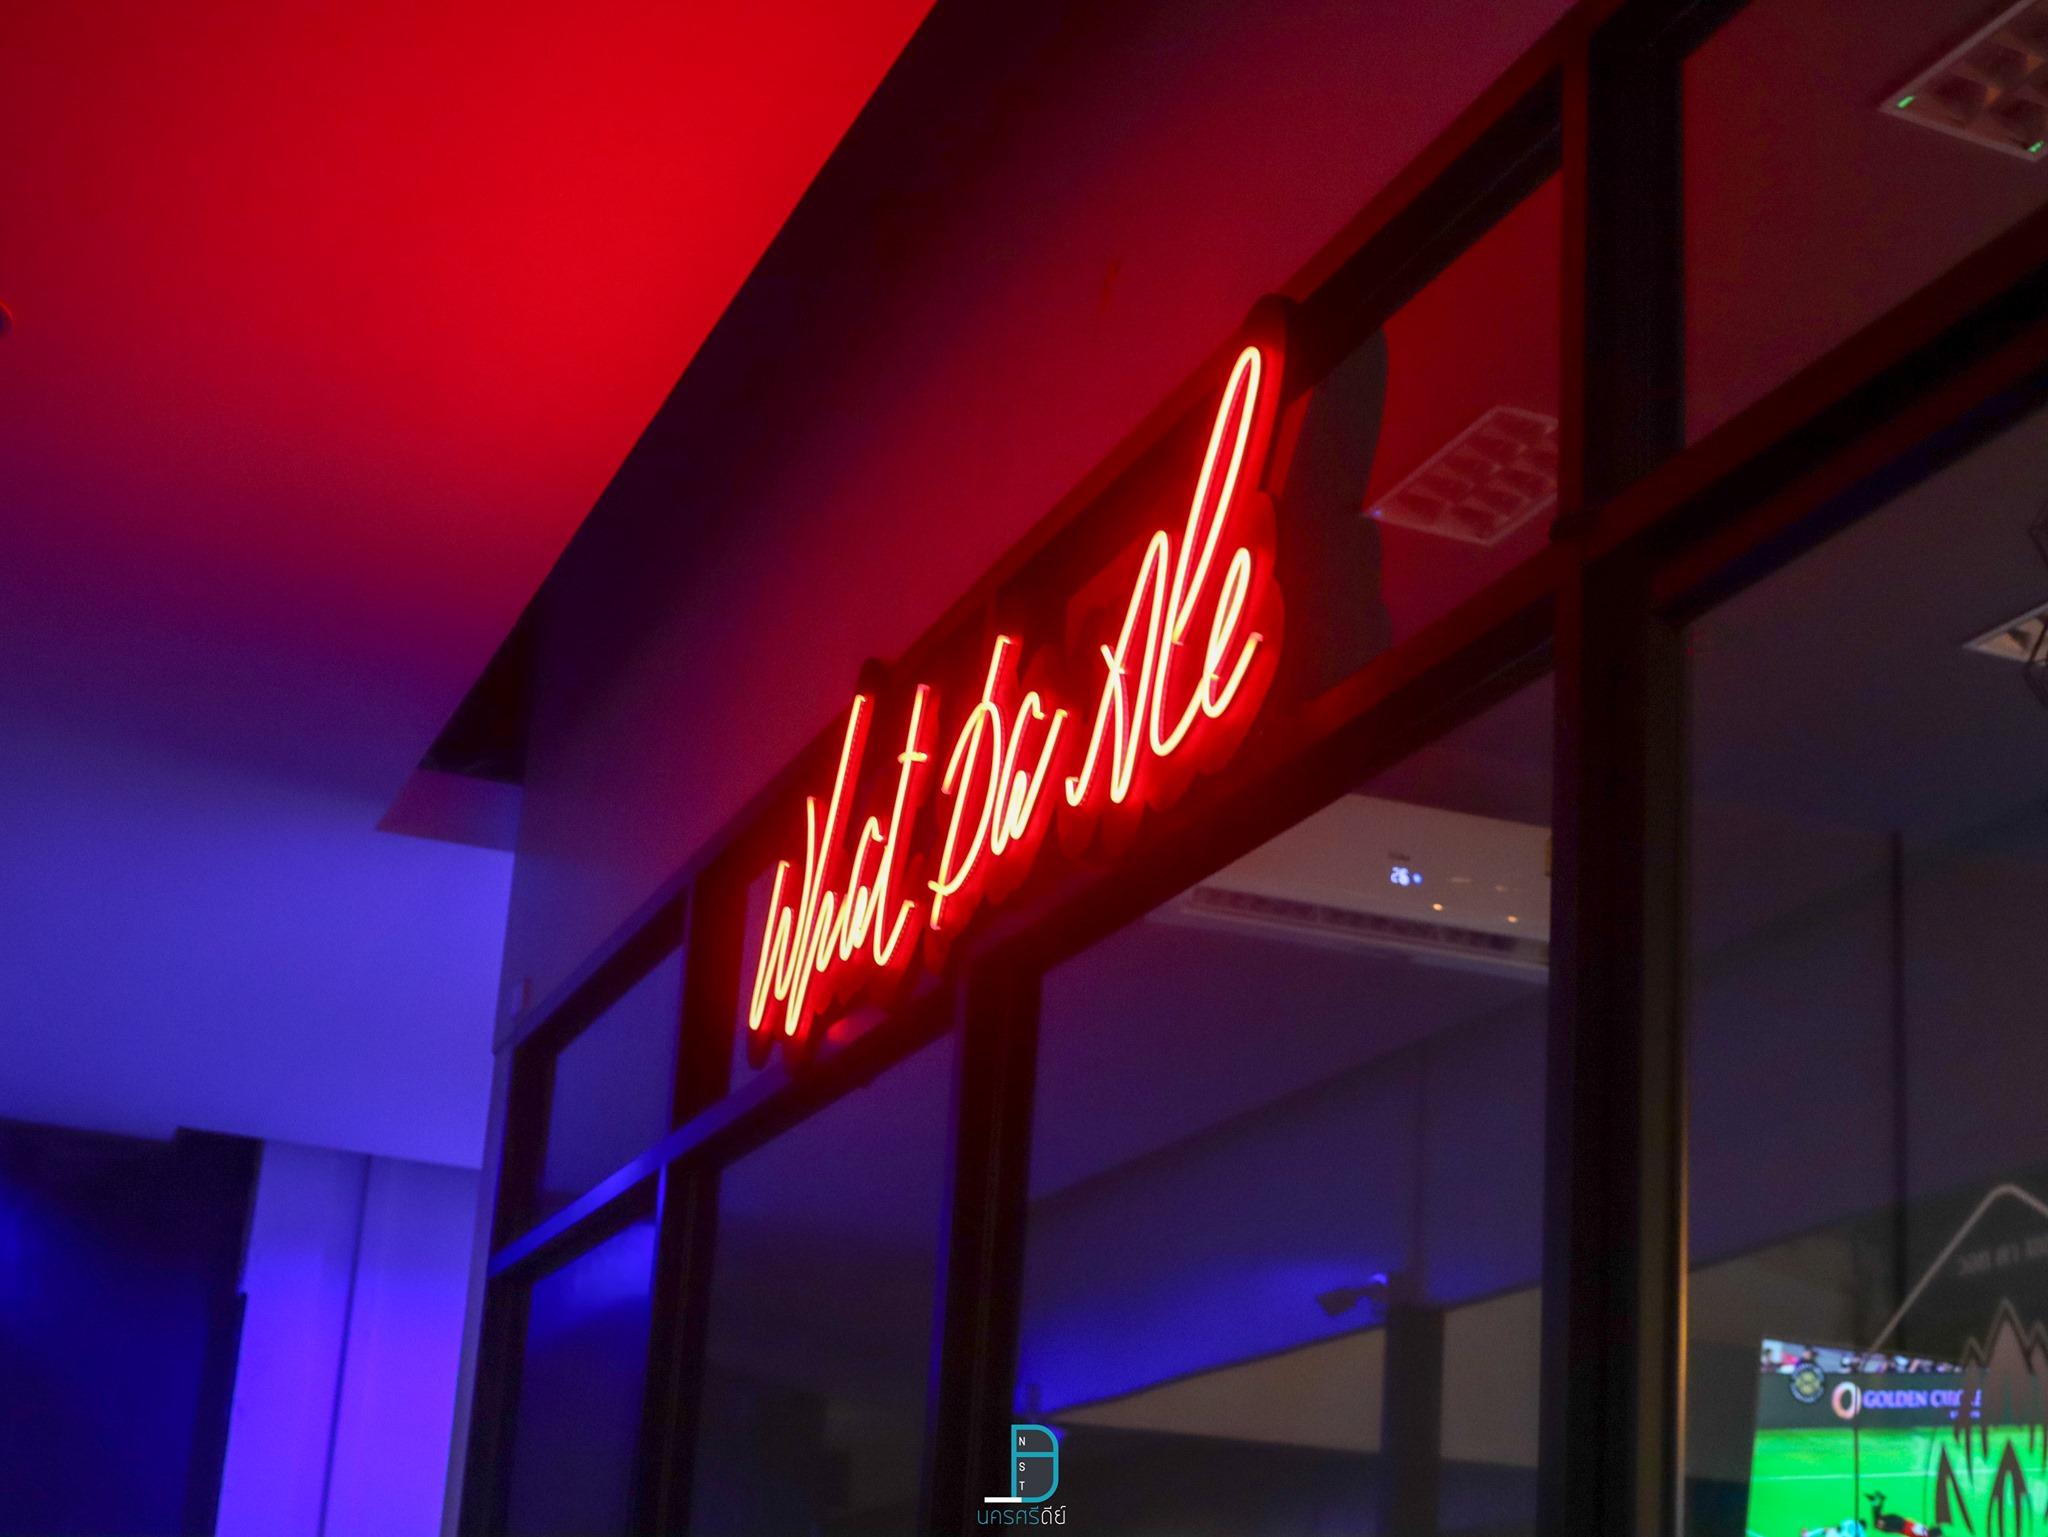 วอท ดา เอล นครศรี ร้านนั่งชิวเปิดใหม่ บรรยากาศชิวๆฟินๆสบายๆ สำหรับคอตรงสายโดยเฉพาะ นครศรีดีย์